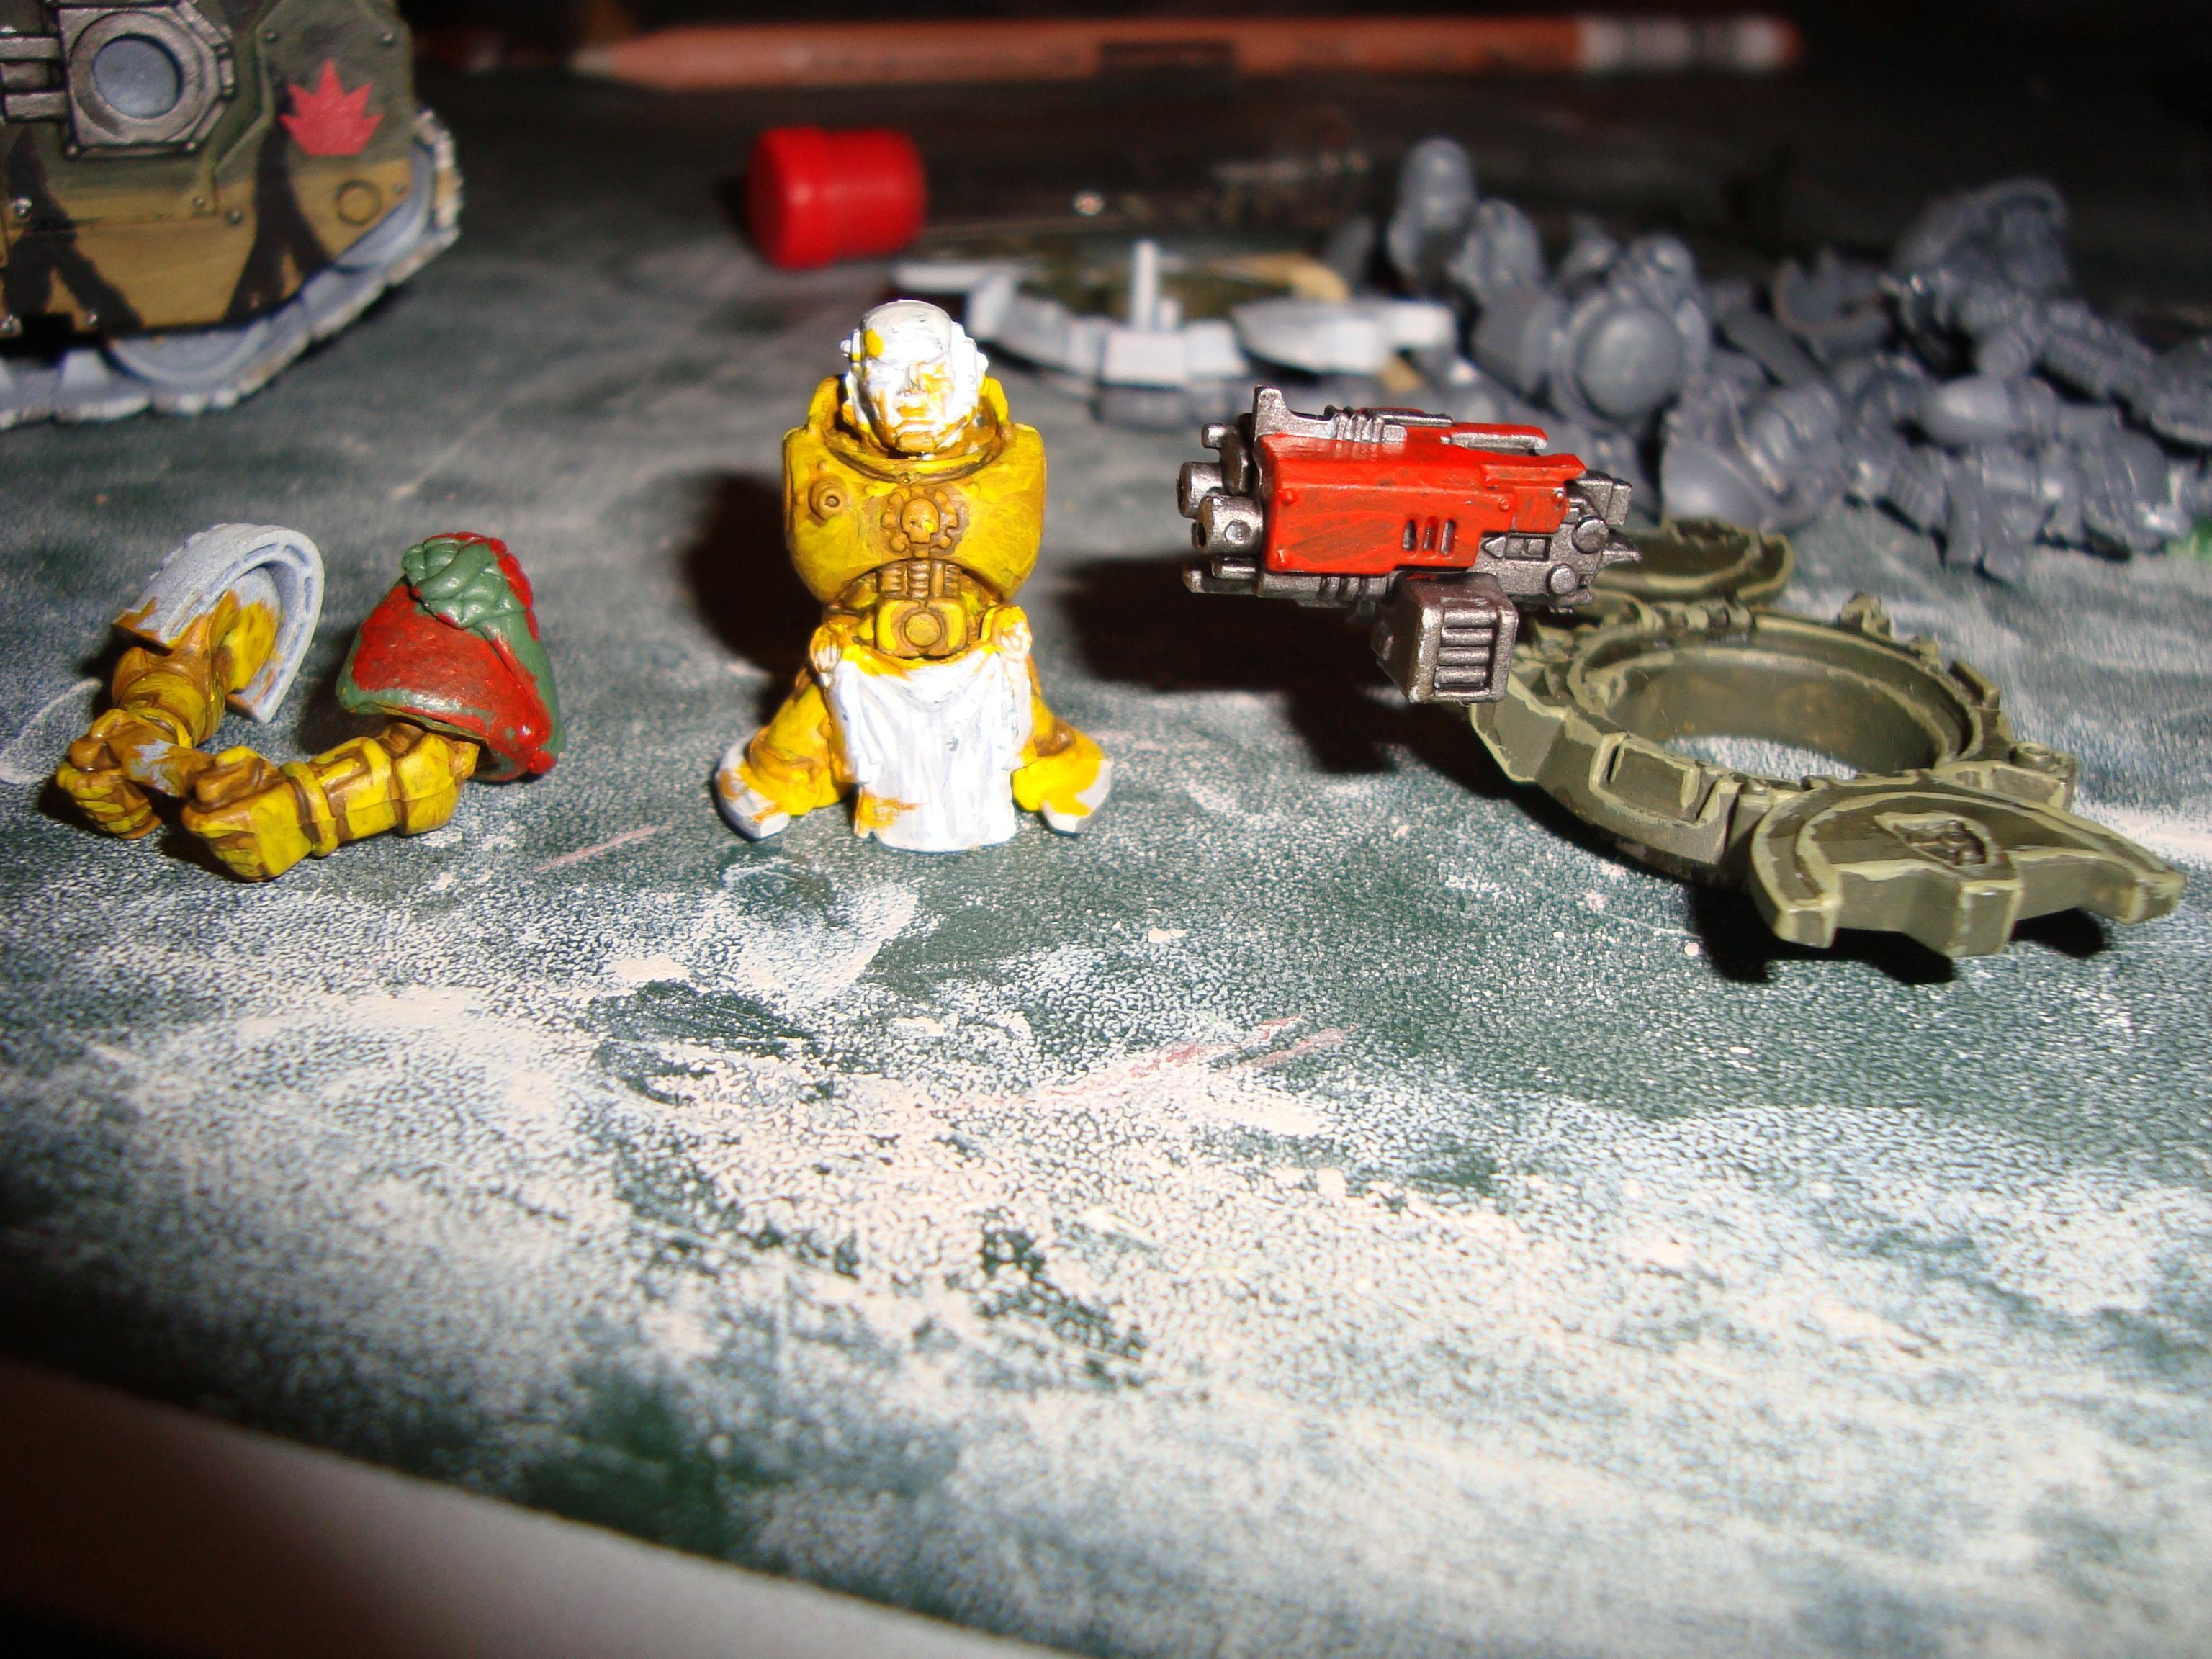 Tank gunner